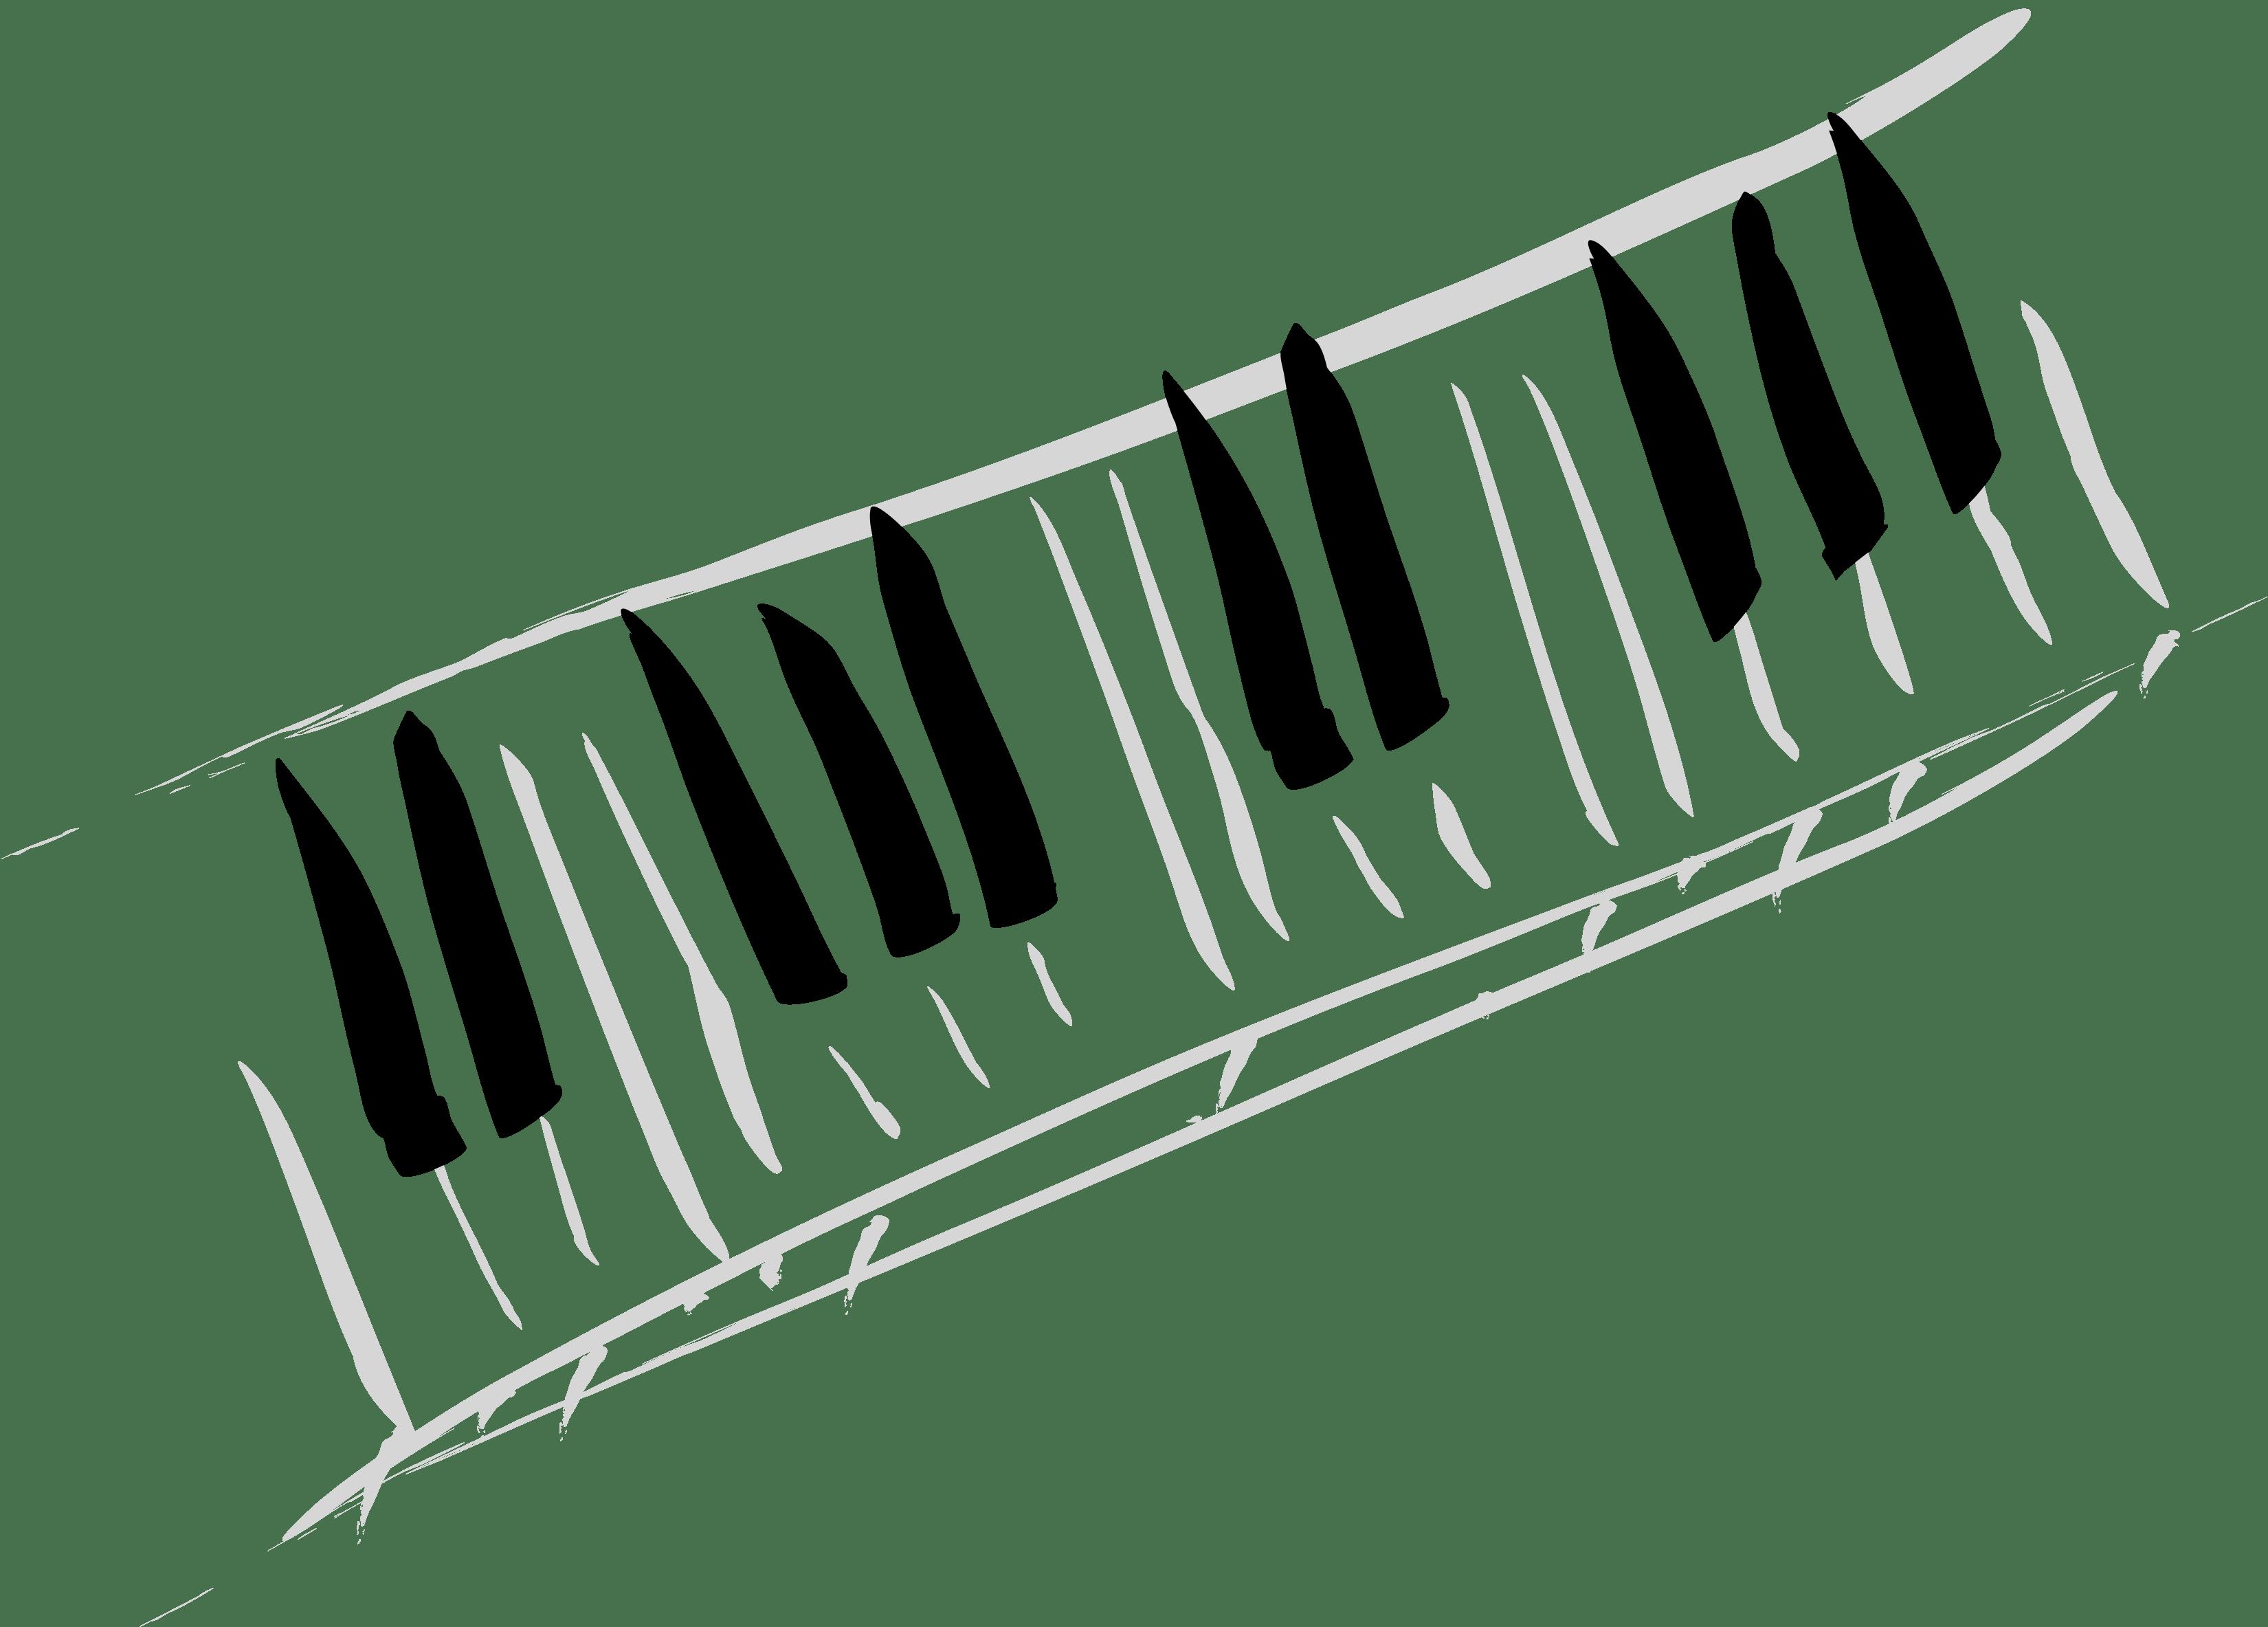 Wavy Piano Keys Clipart